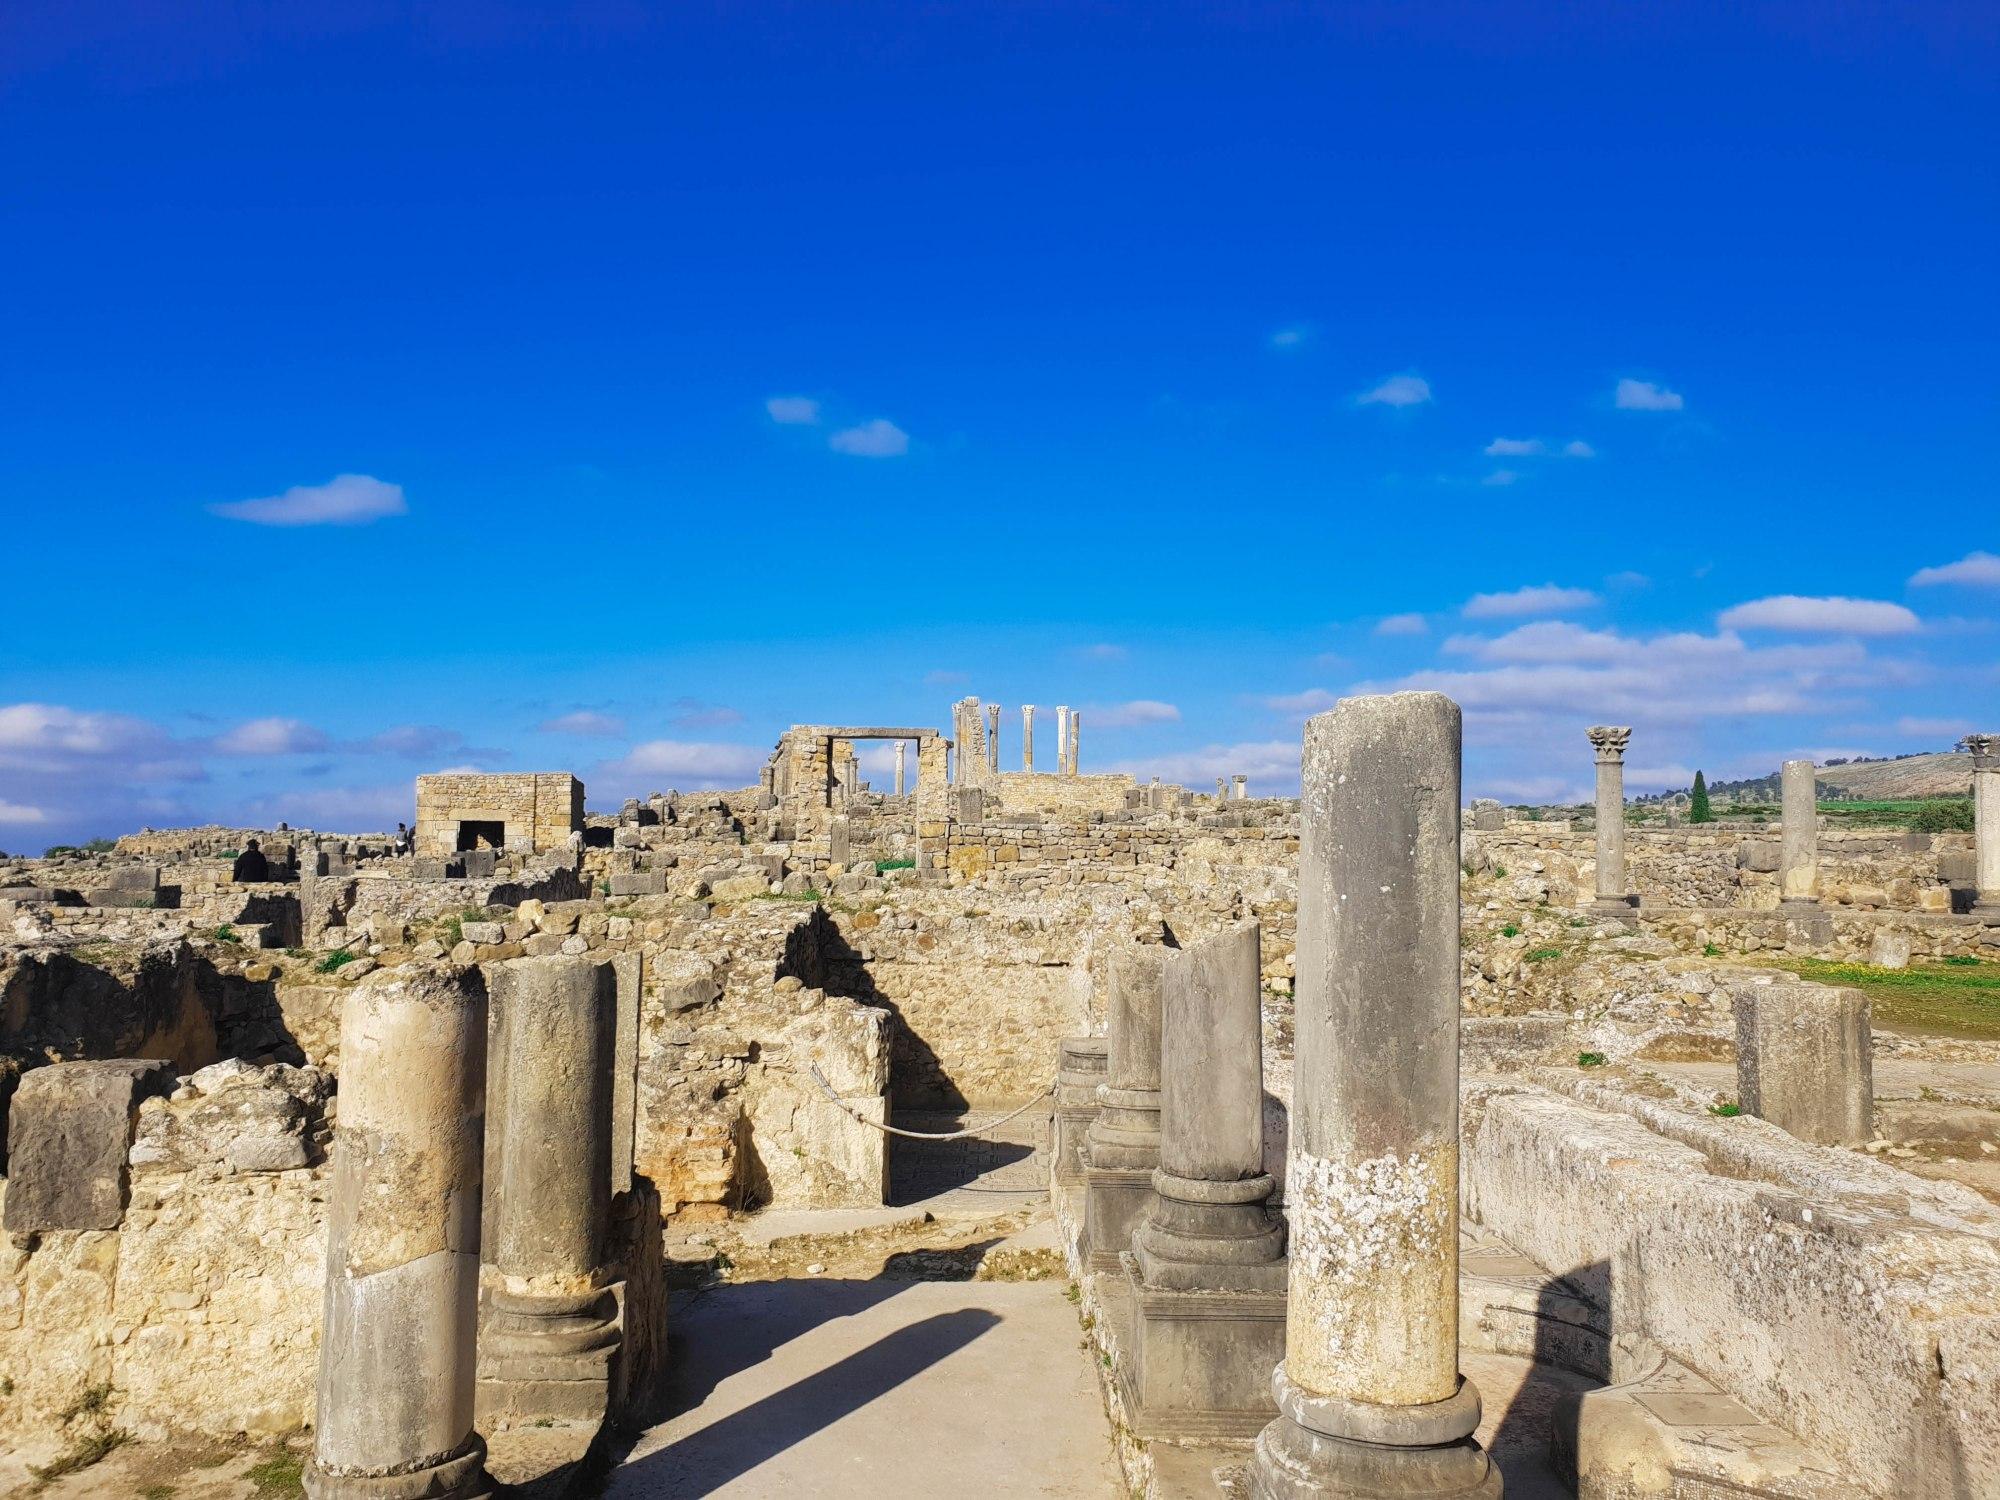 Les vestiges du site archéologique de Volubilis au MAroc